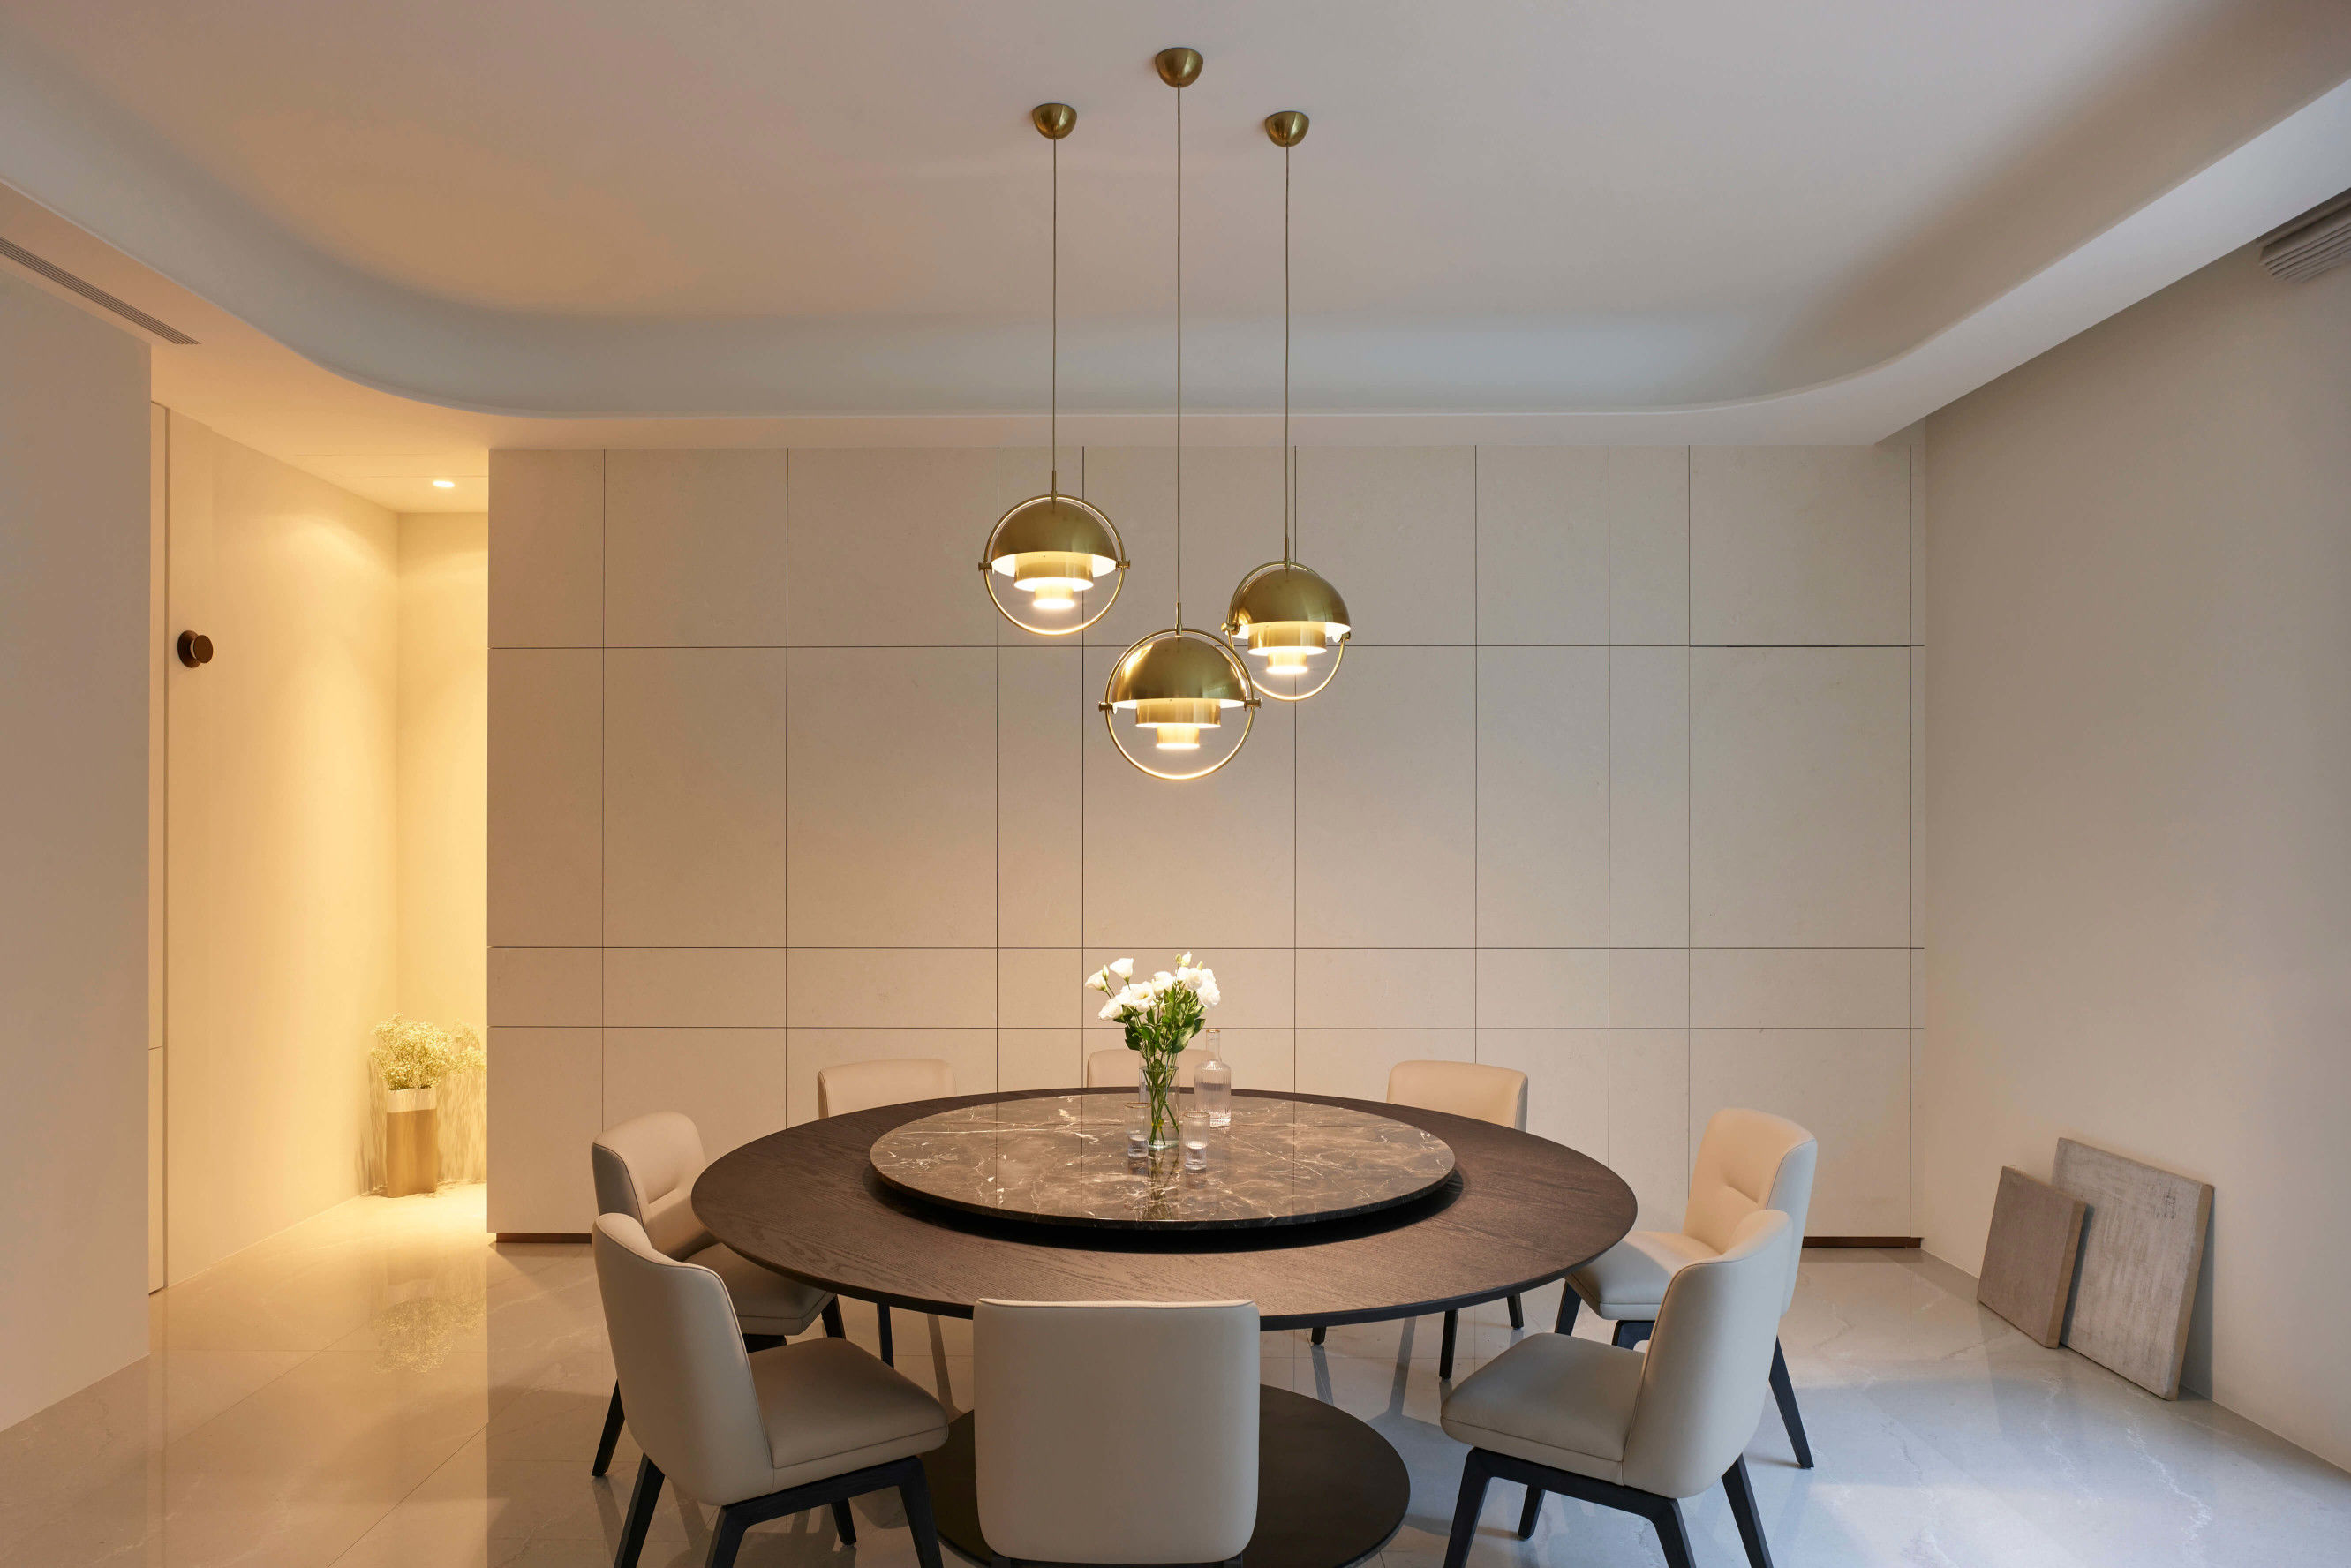 台中分子室內裝修設計 - 裝修住宅設計 - 自地自建 - 客餐廳